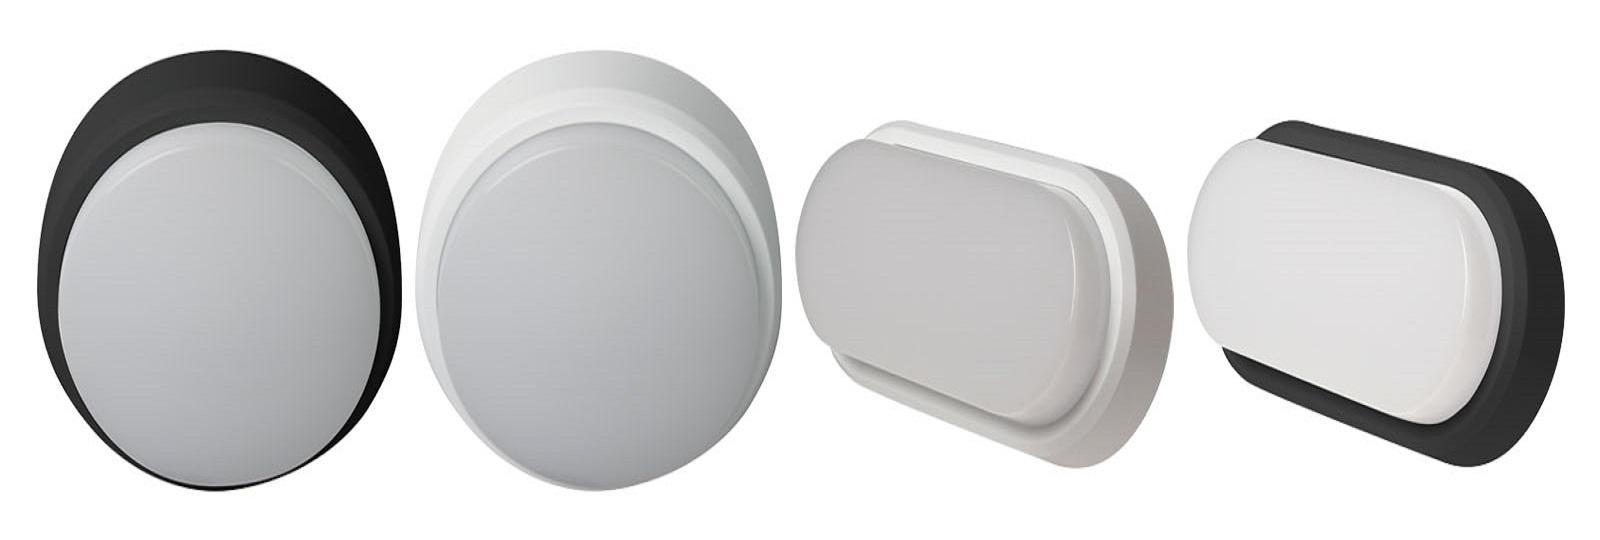 OHIO LED svítidla v krytí IP 54 v barvě 3000K nebo 4000K, vhodné pro vnitřní i venkovní aplikace